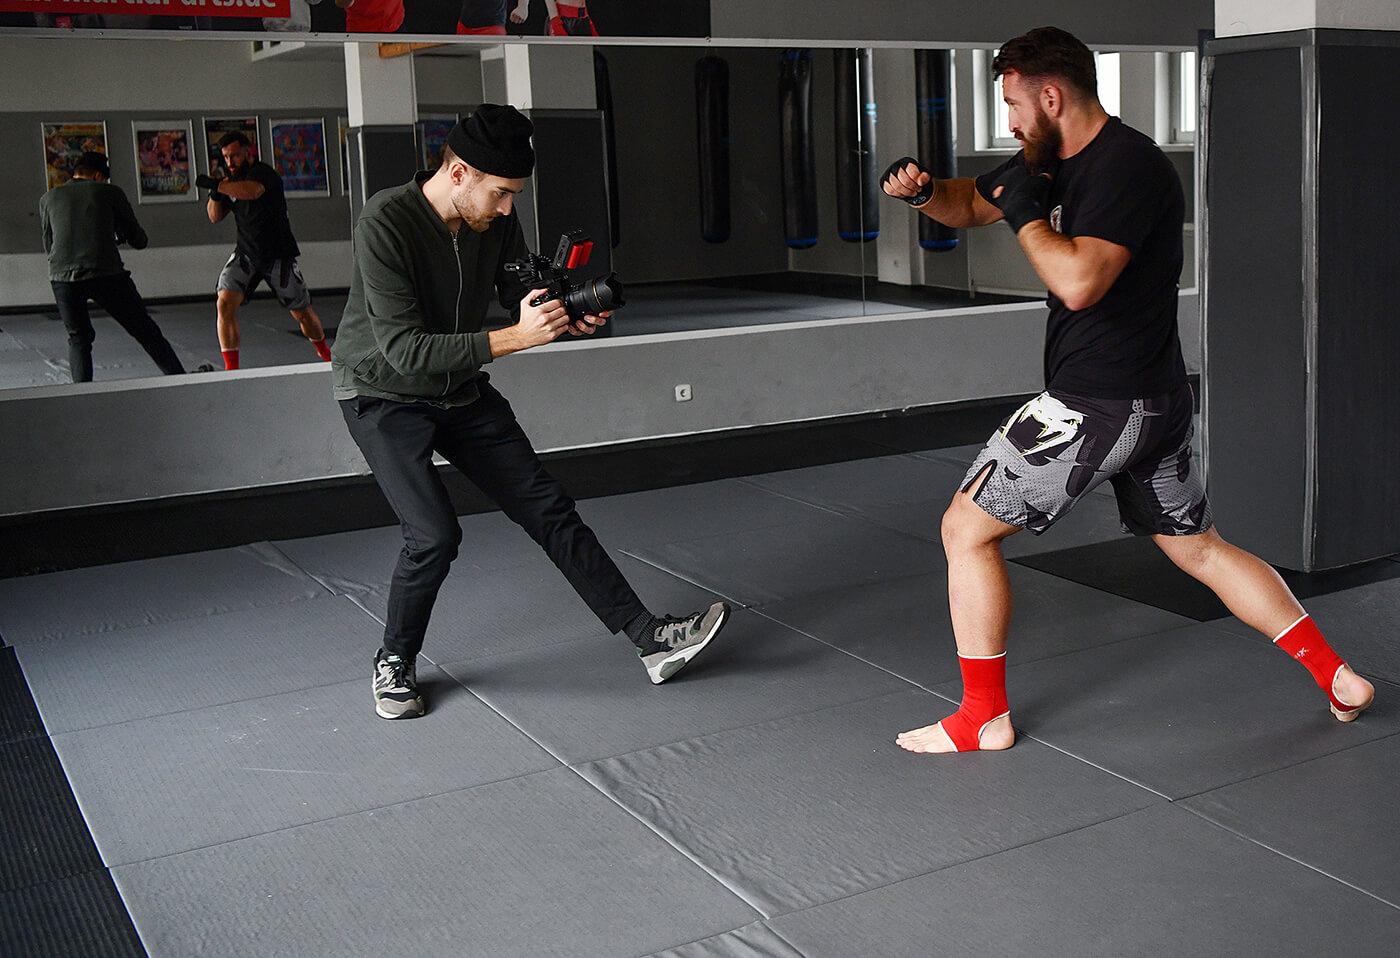 Soremski_18_12_05_Phoenix Martial Arts_7591_com